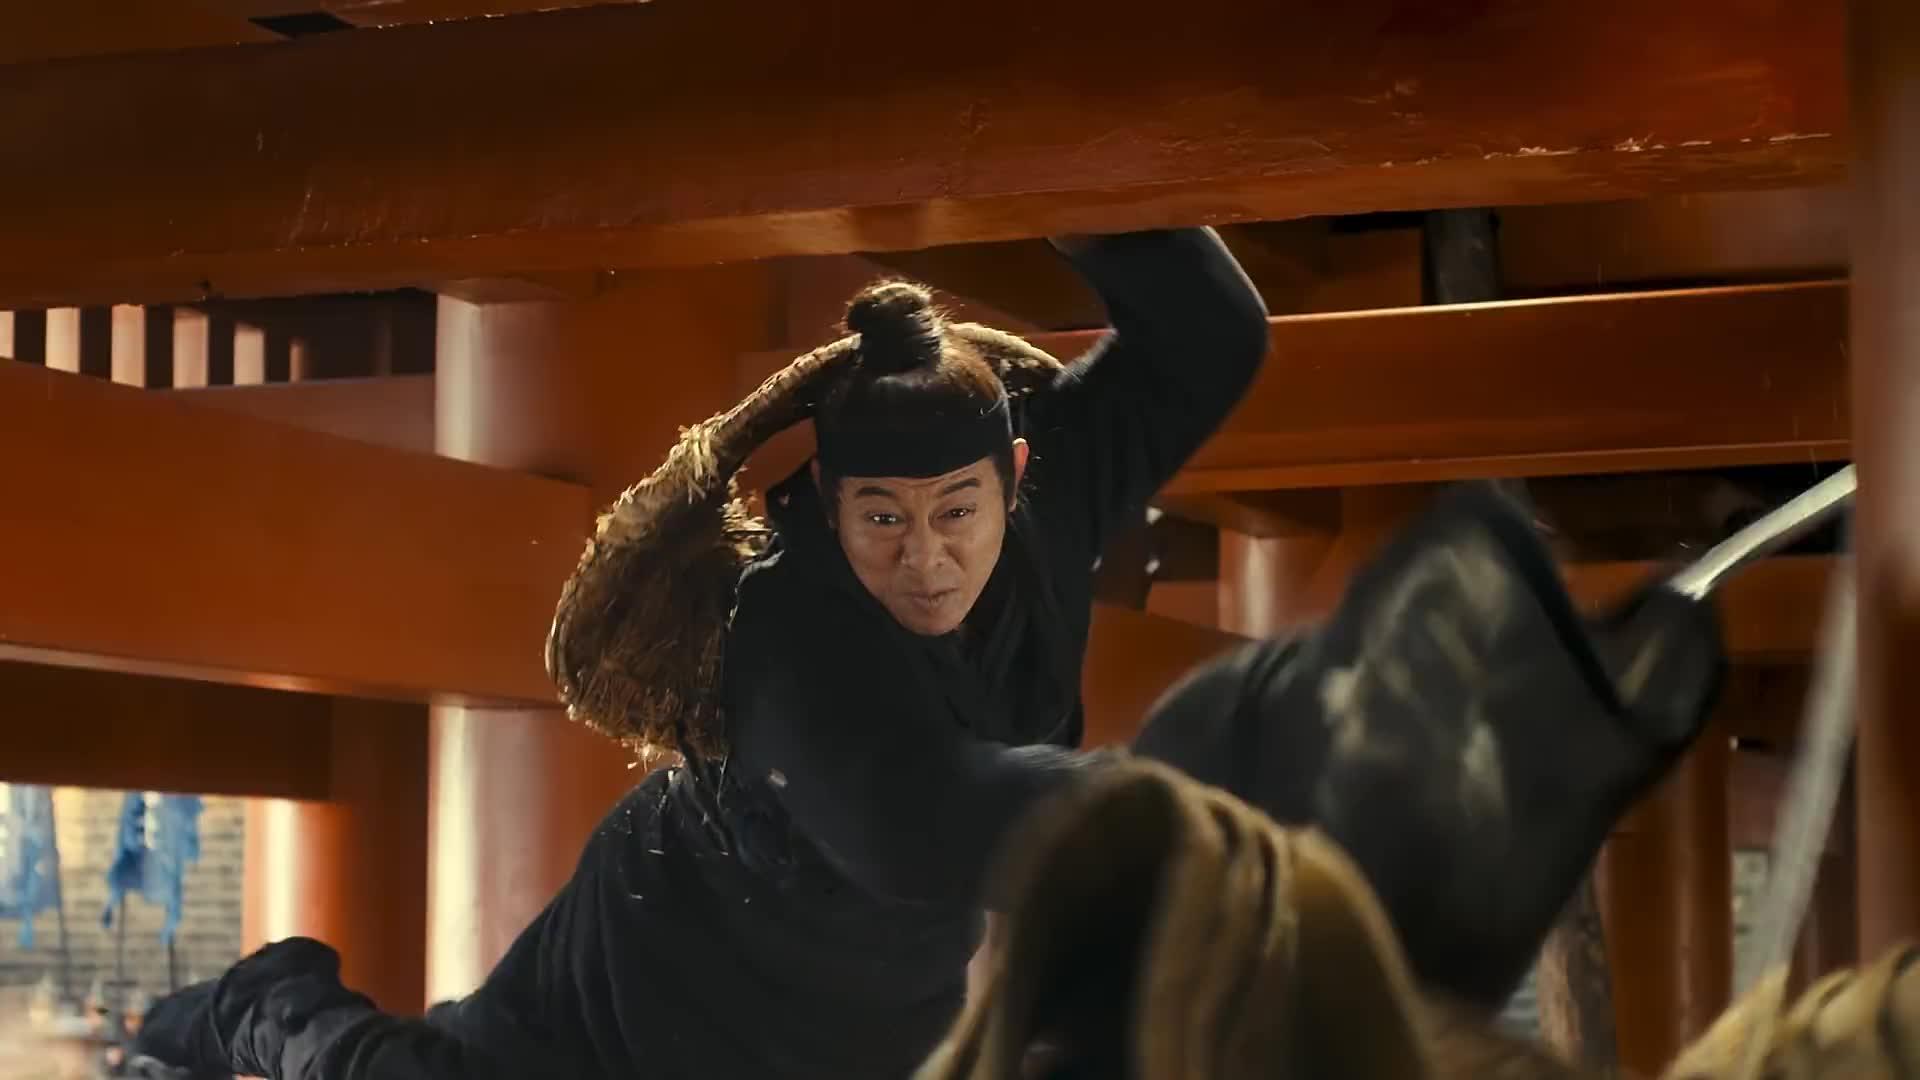 龙门飞甲:宦官跟李连杰打,被李连杰一刀结束性命